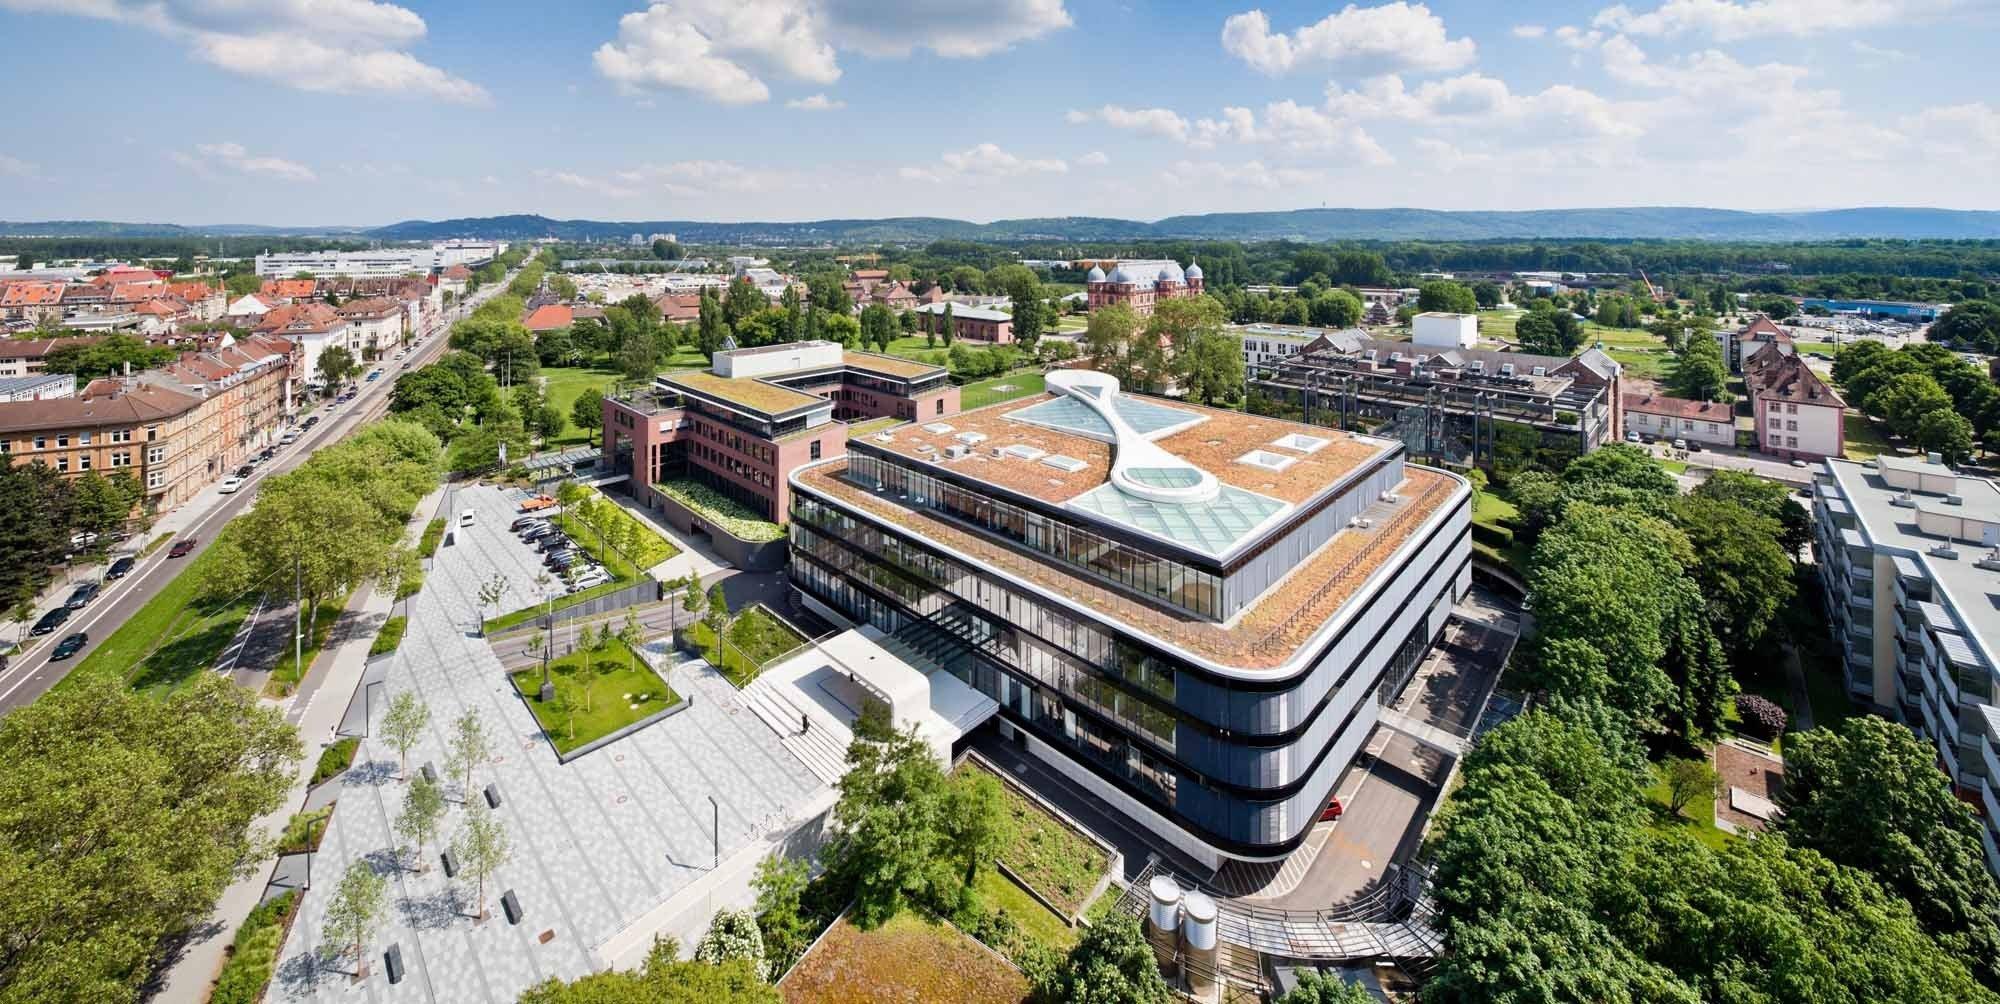 Attraktiv Innenarchitekt Karlsruhe Das Beste Von Blick Auf Das Neue Dach Und Die